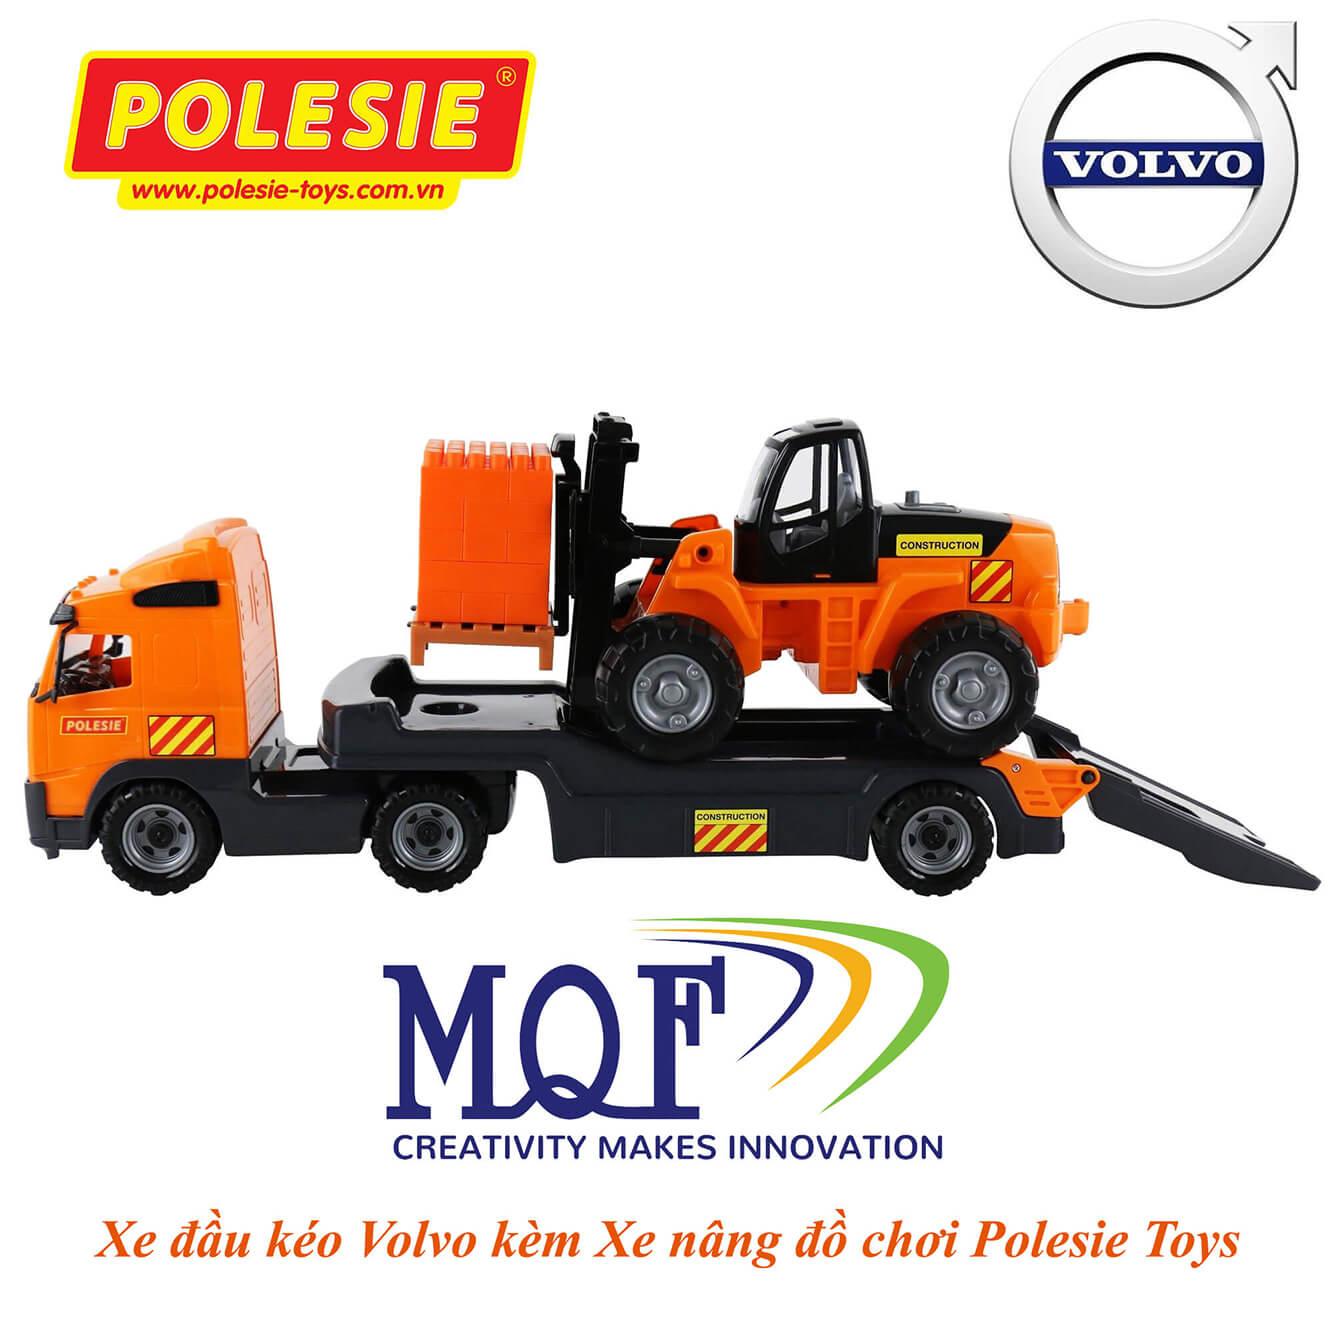 Mẫu xe mô hình đồ chơi xe đầu kéo và xe nâng hàng Polesie Toys